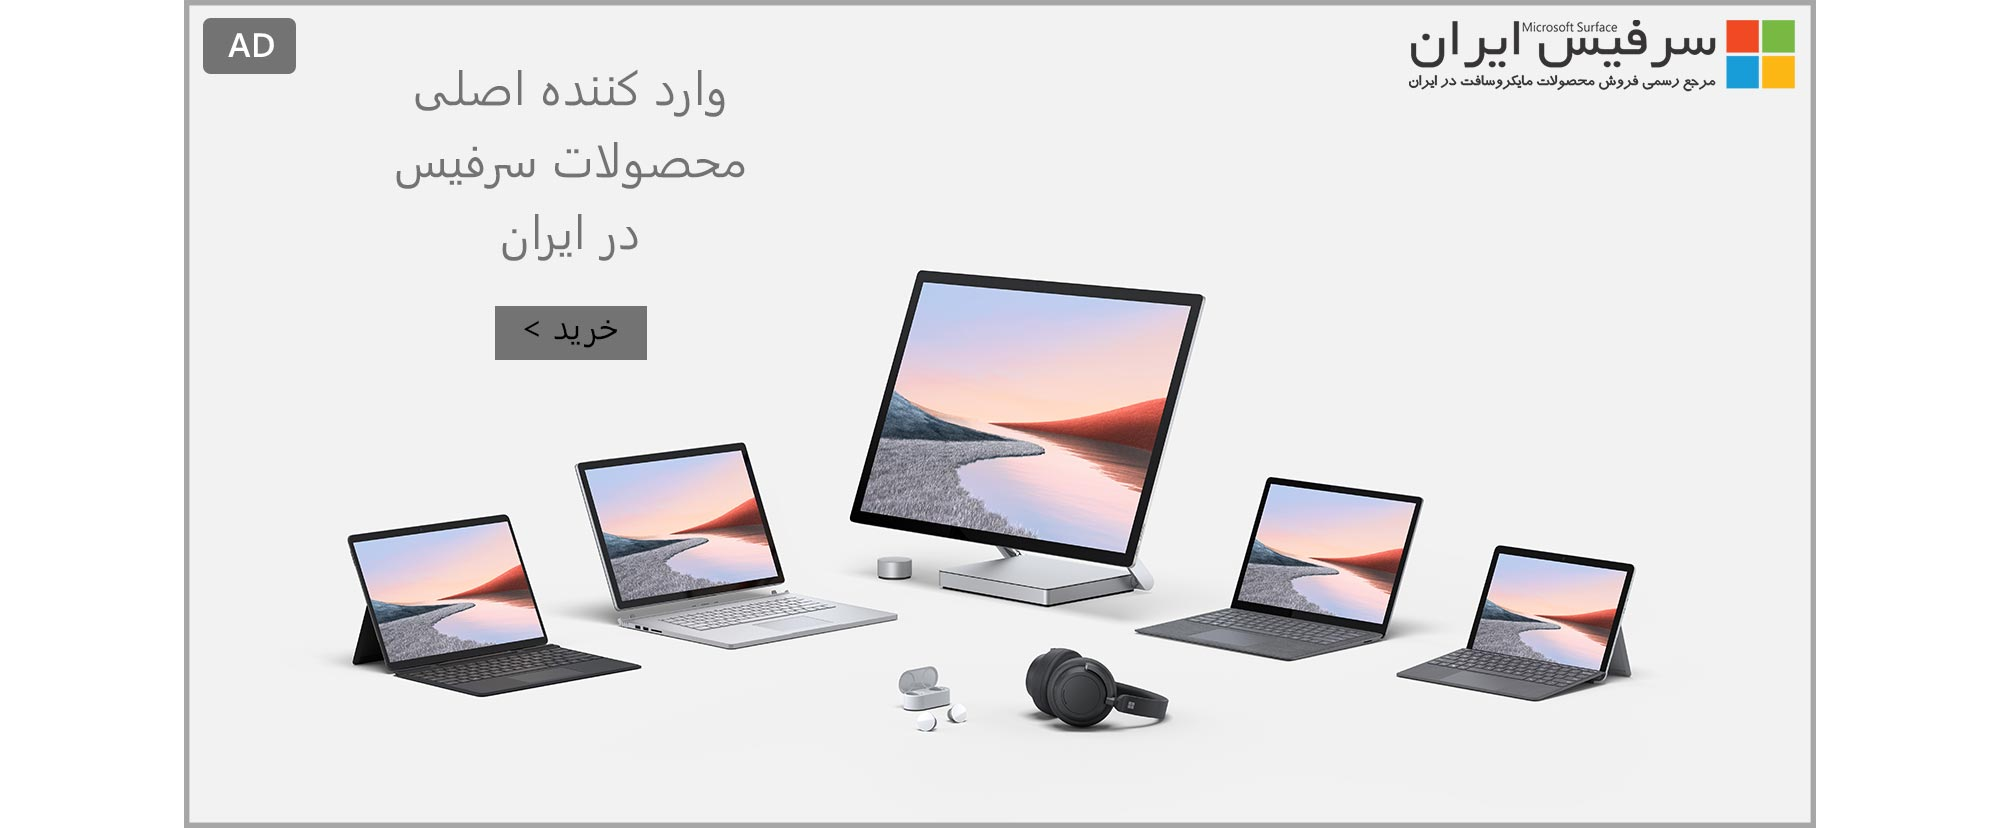 تبلیغات فروشگاه سرفیس ایران